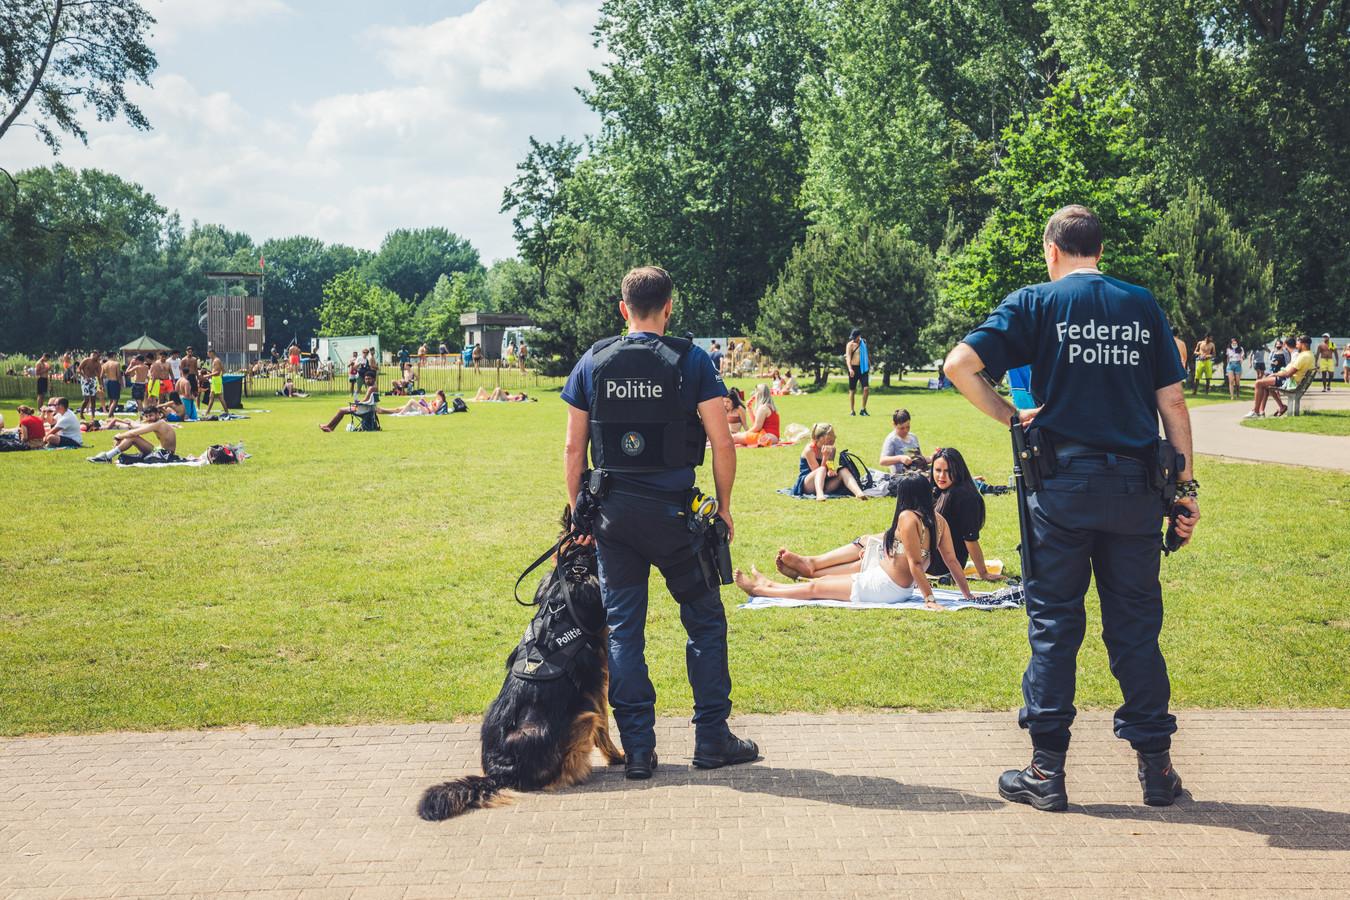 """""""Zonnen en genieten onder het oog van de politie. Héél gezellig"""", sneerde Peeters"""